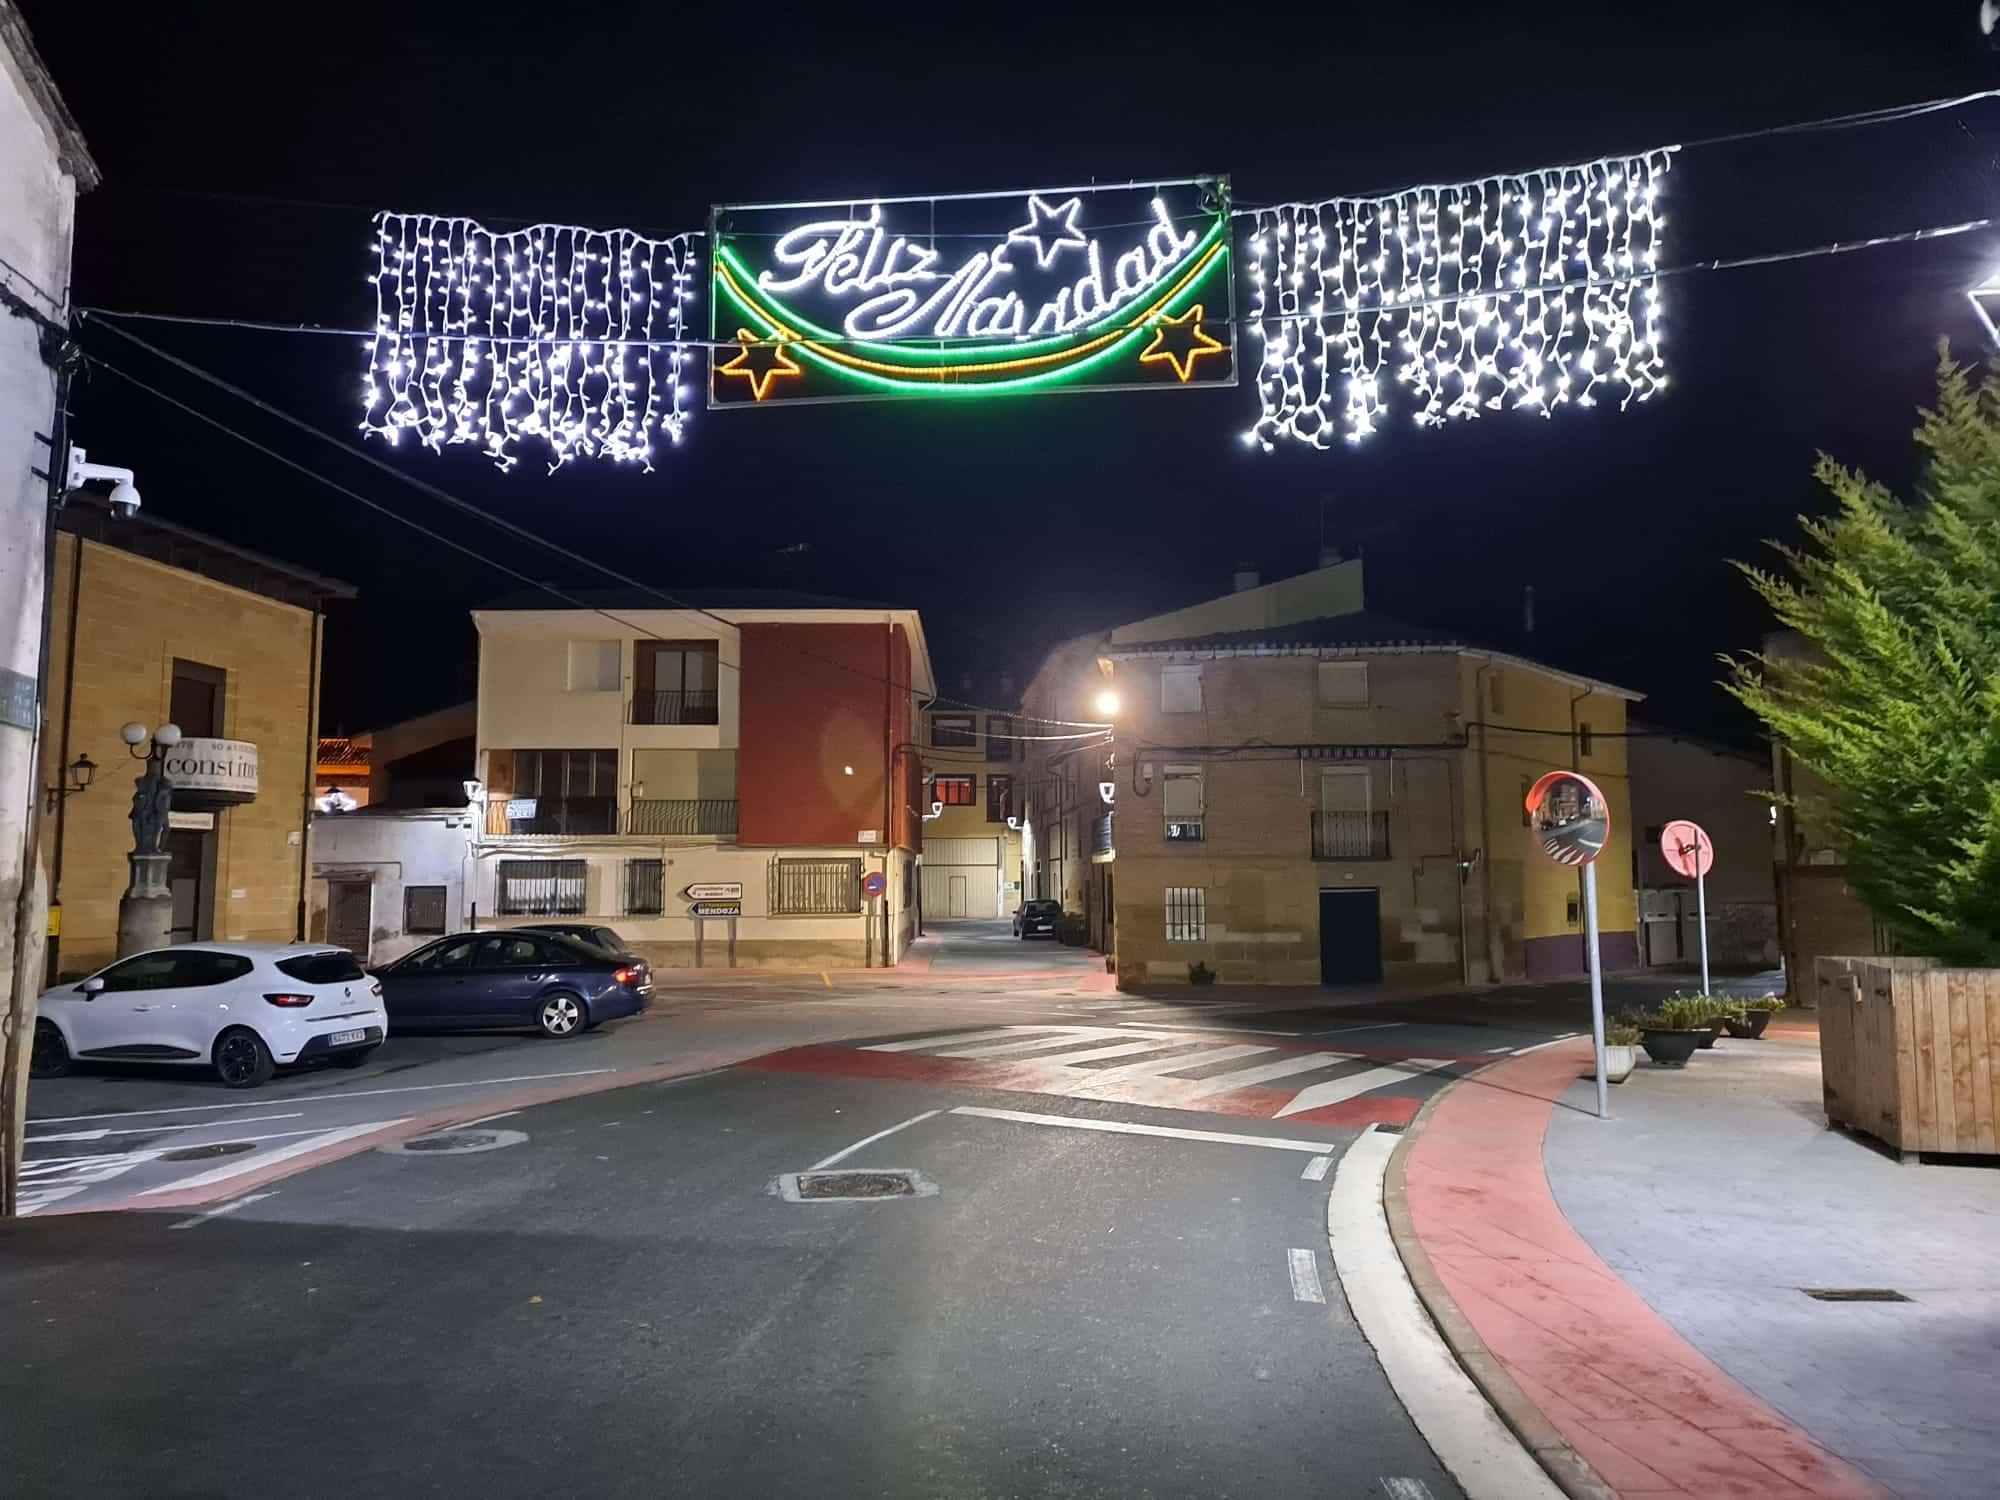 La Navidad llega a Cihuri 5